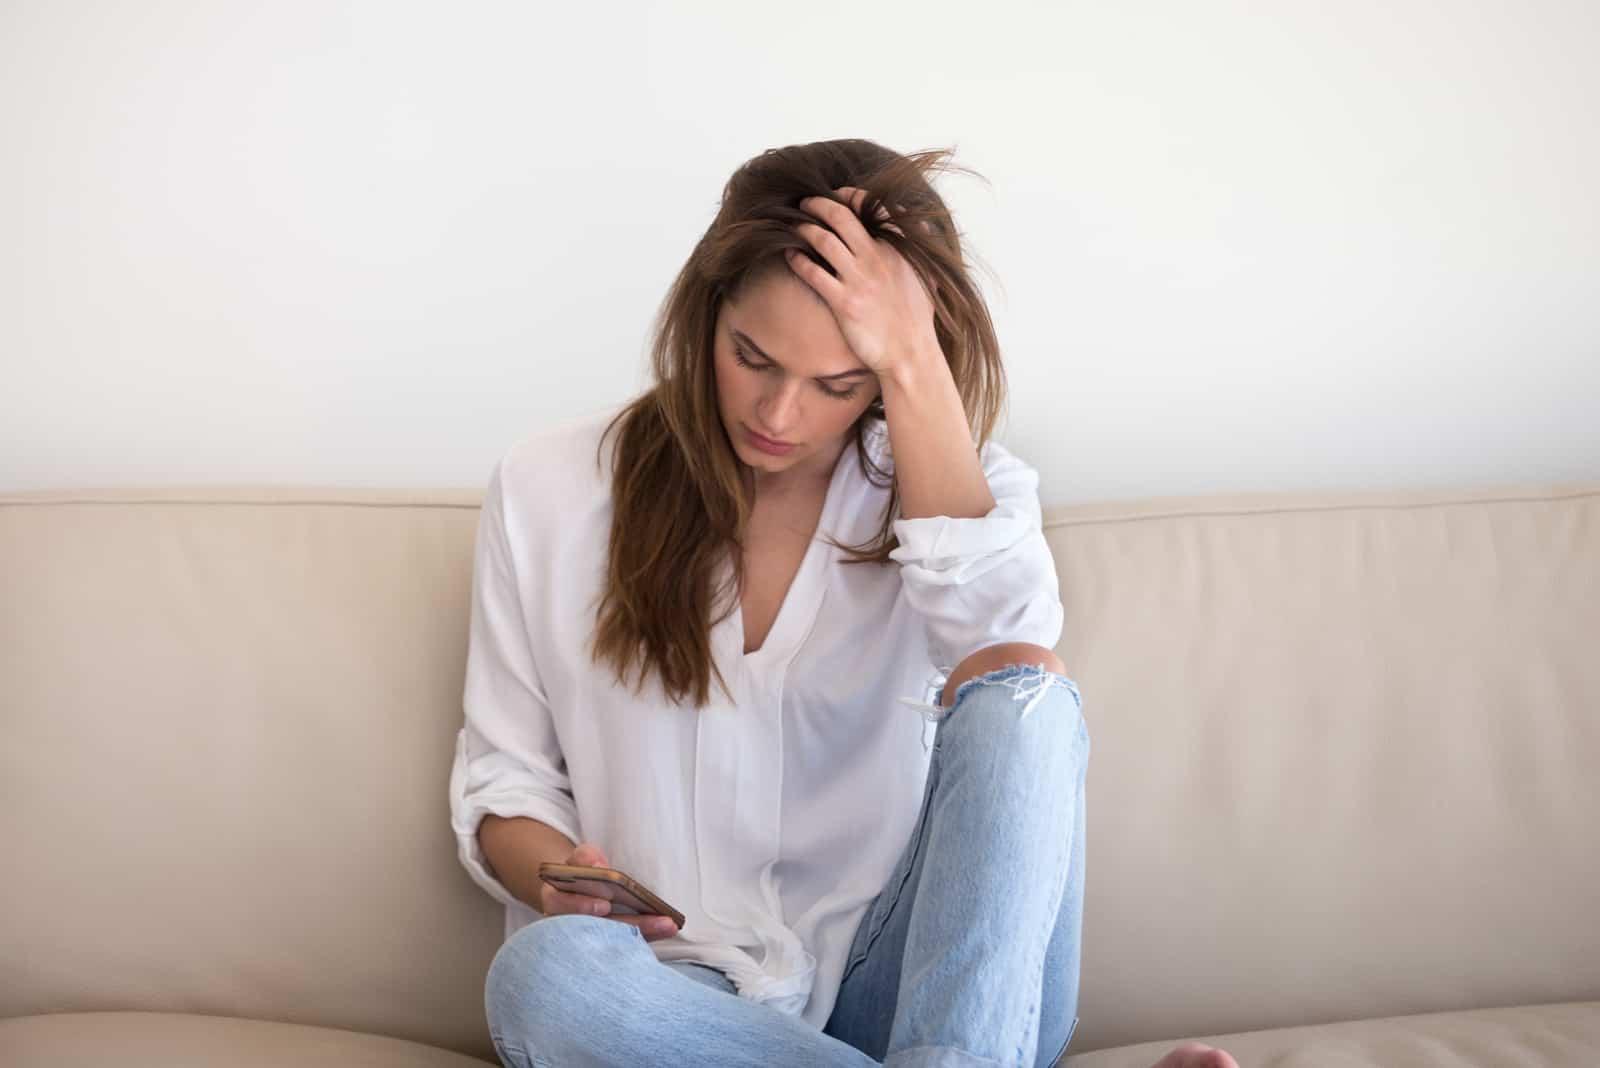 une femme triste est assise sur le canapé et tient le téléphone dans sa main